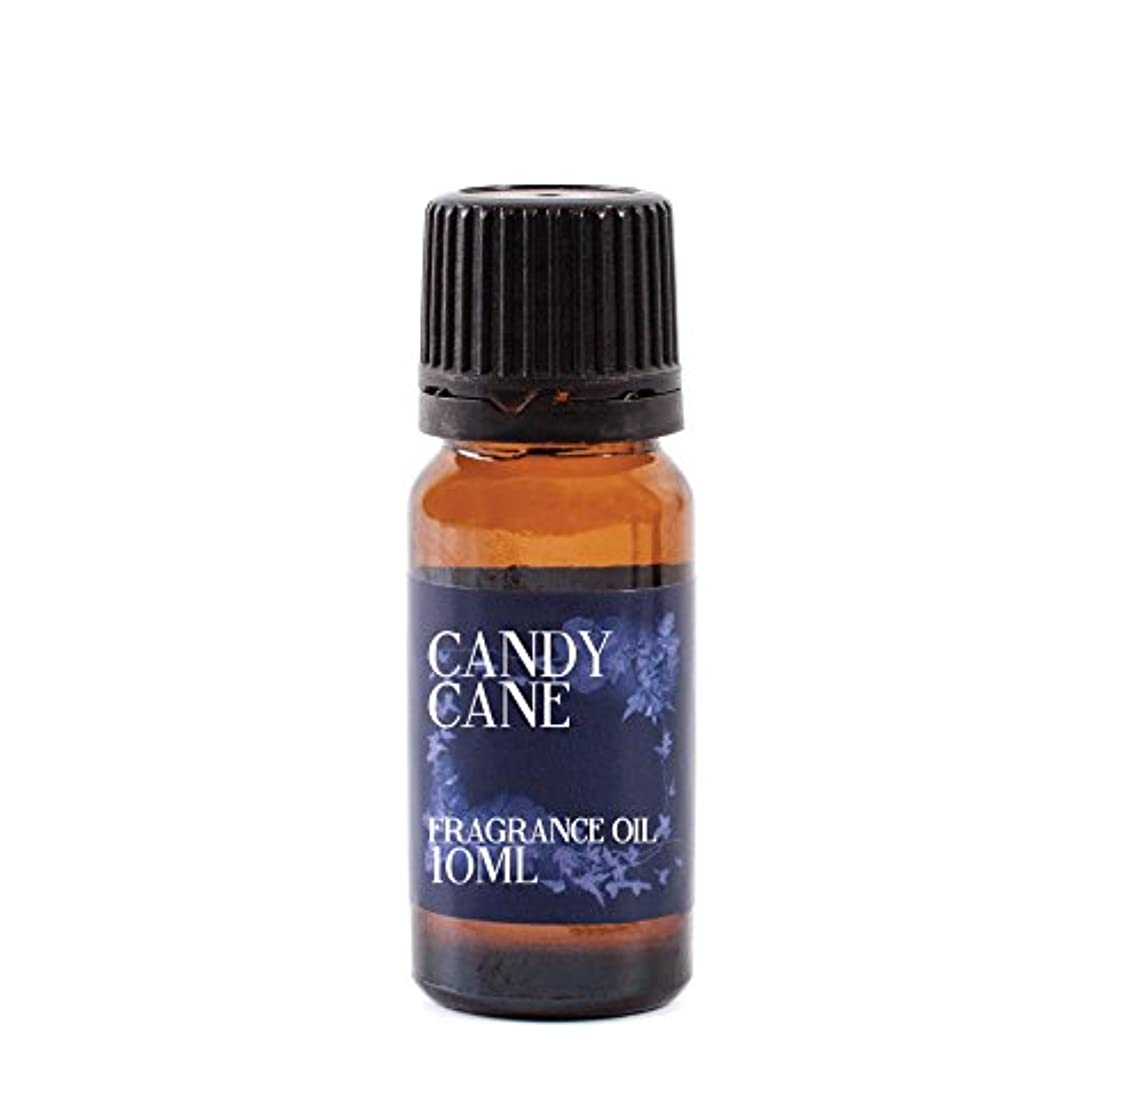 興奮する著者チャップCandy Cane Fragrance Oil - 10ml